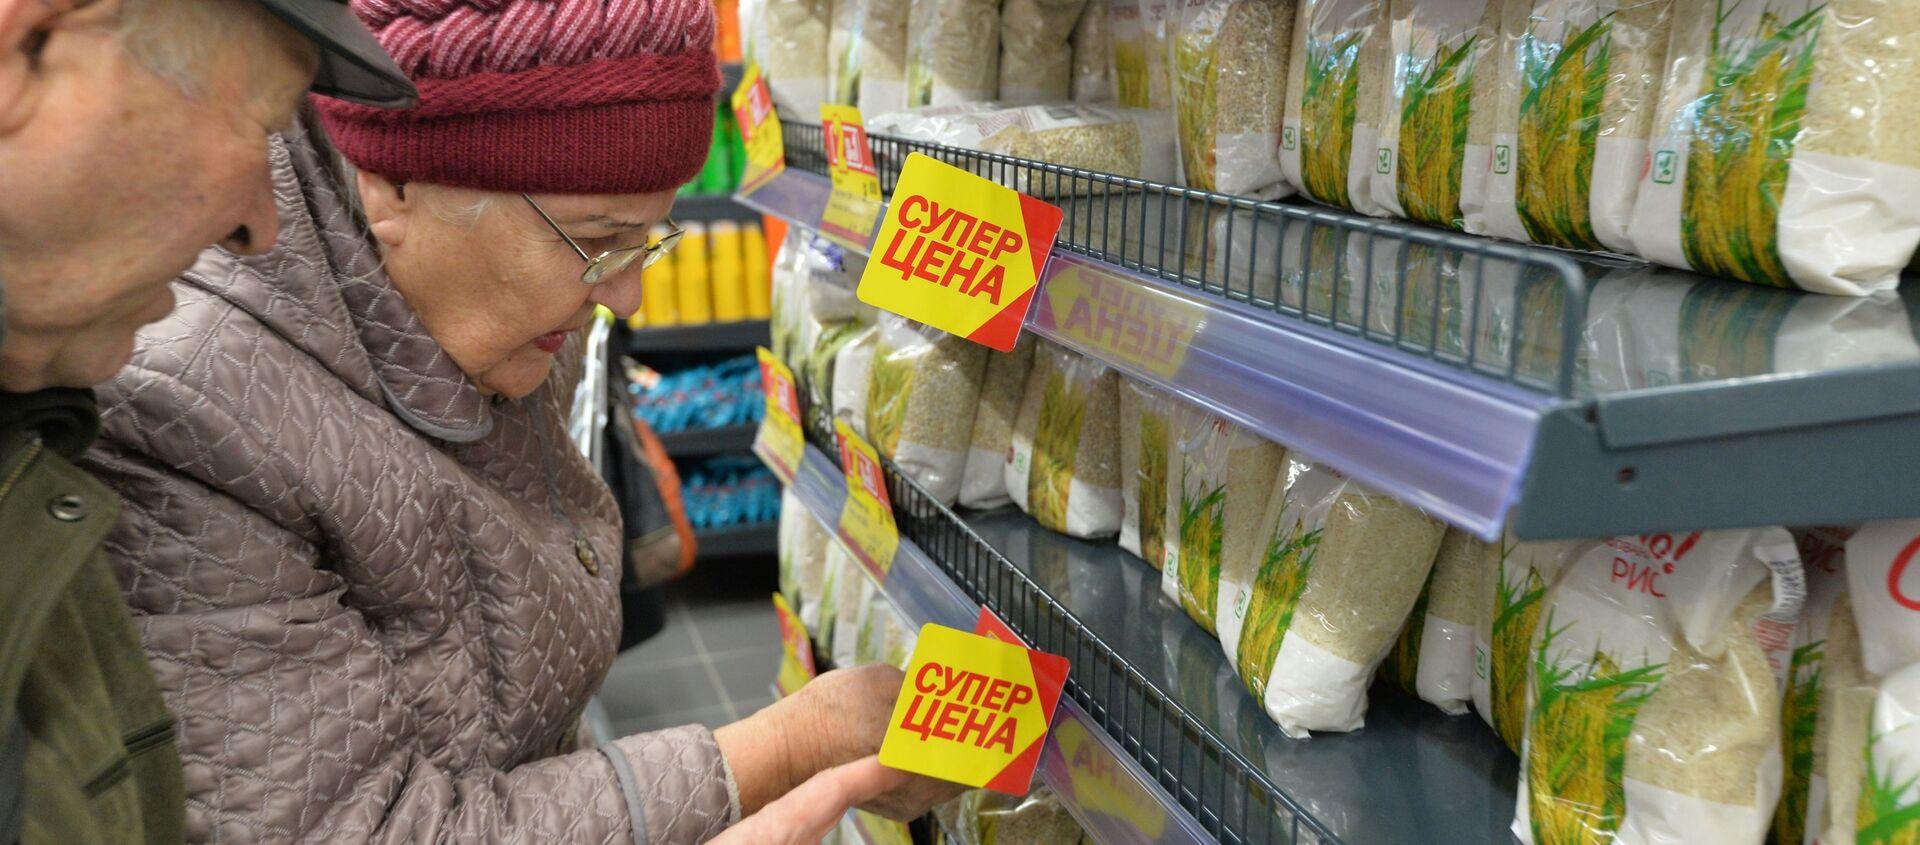 Пенсионеры в продуктовом магазине - Sputnik Беларусь, 1920, 17.02.2021